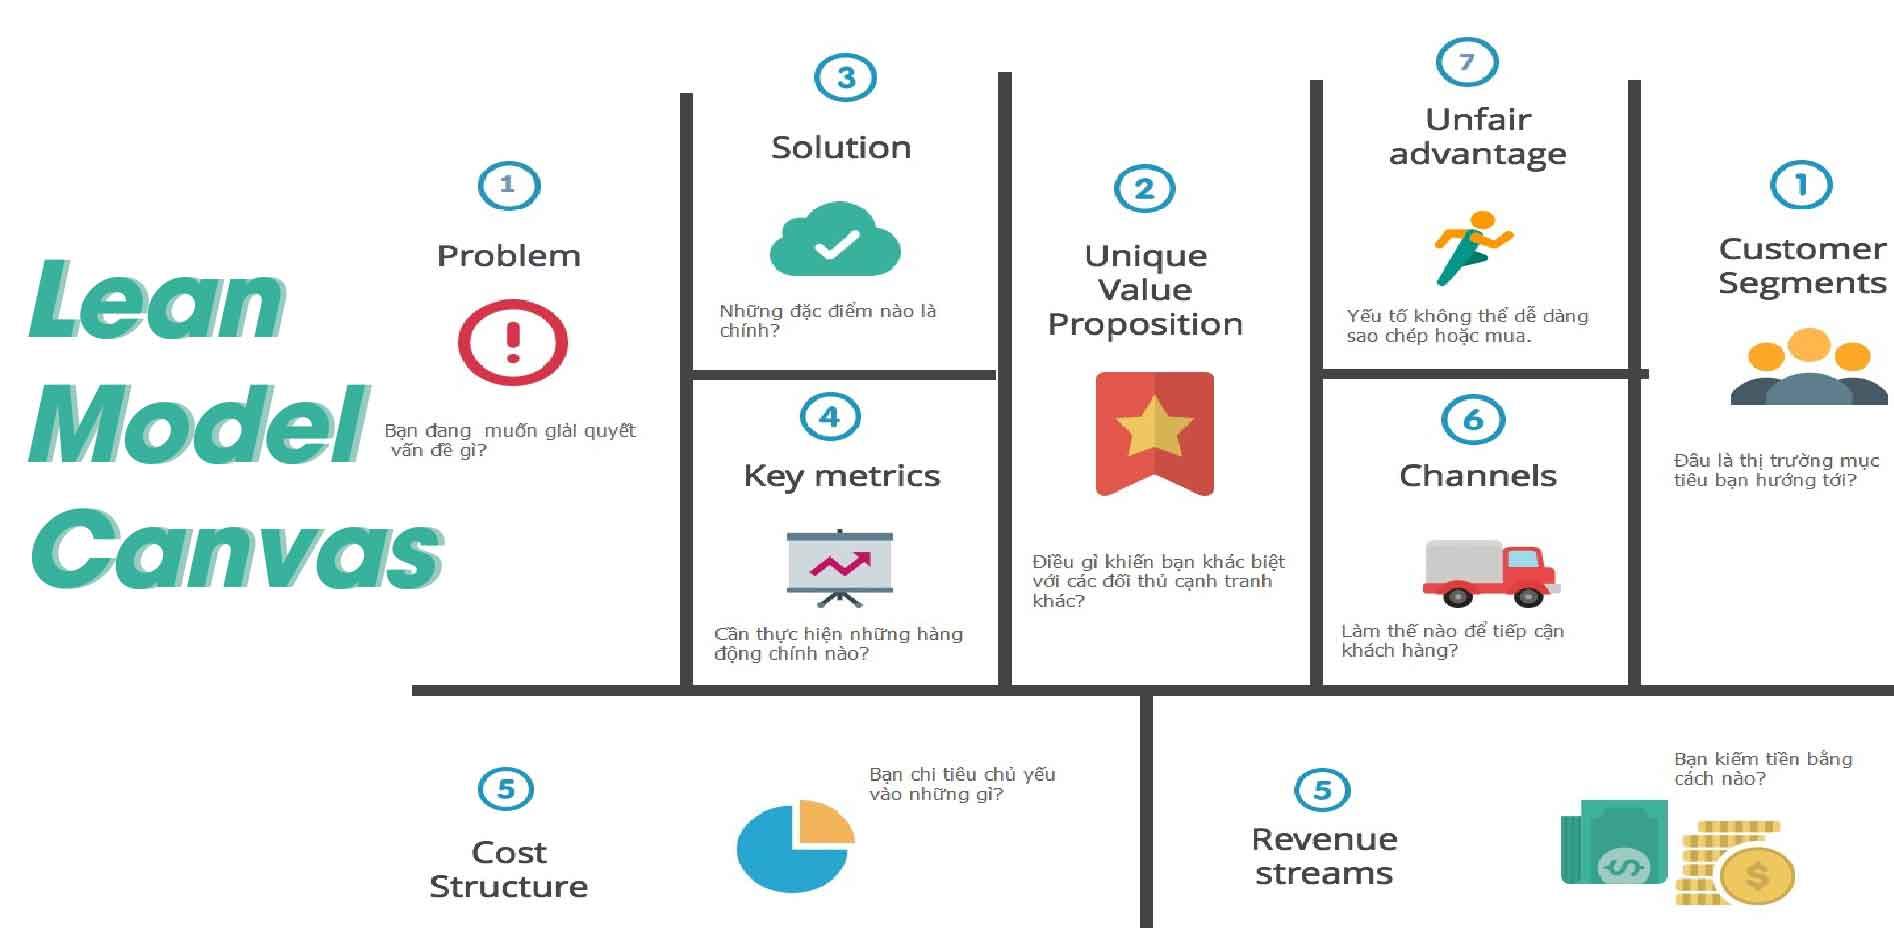 Khởi nghiệp tinh gọn Lean Startup và Mô hình Lean model canvas, Phần 2